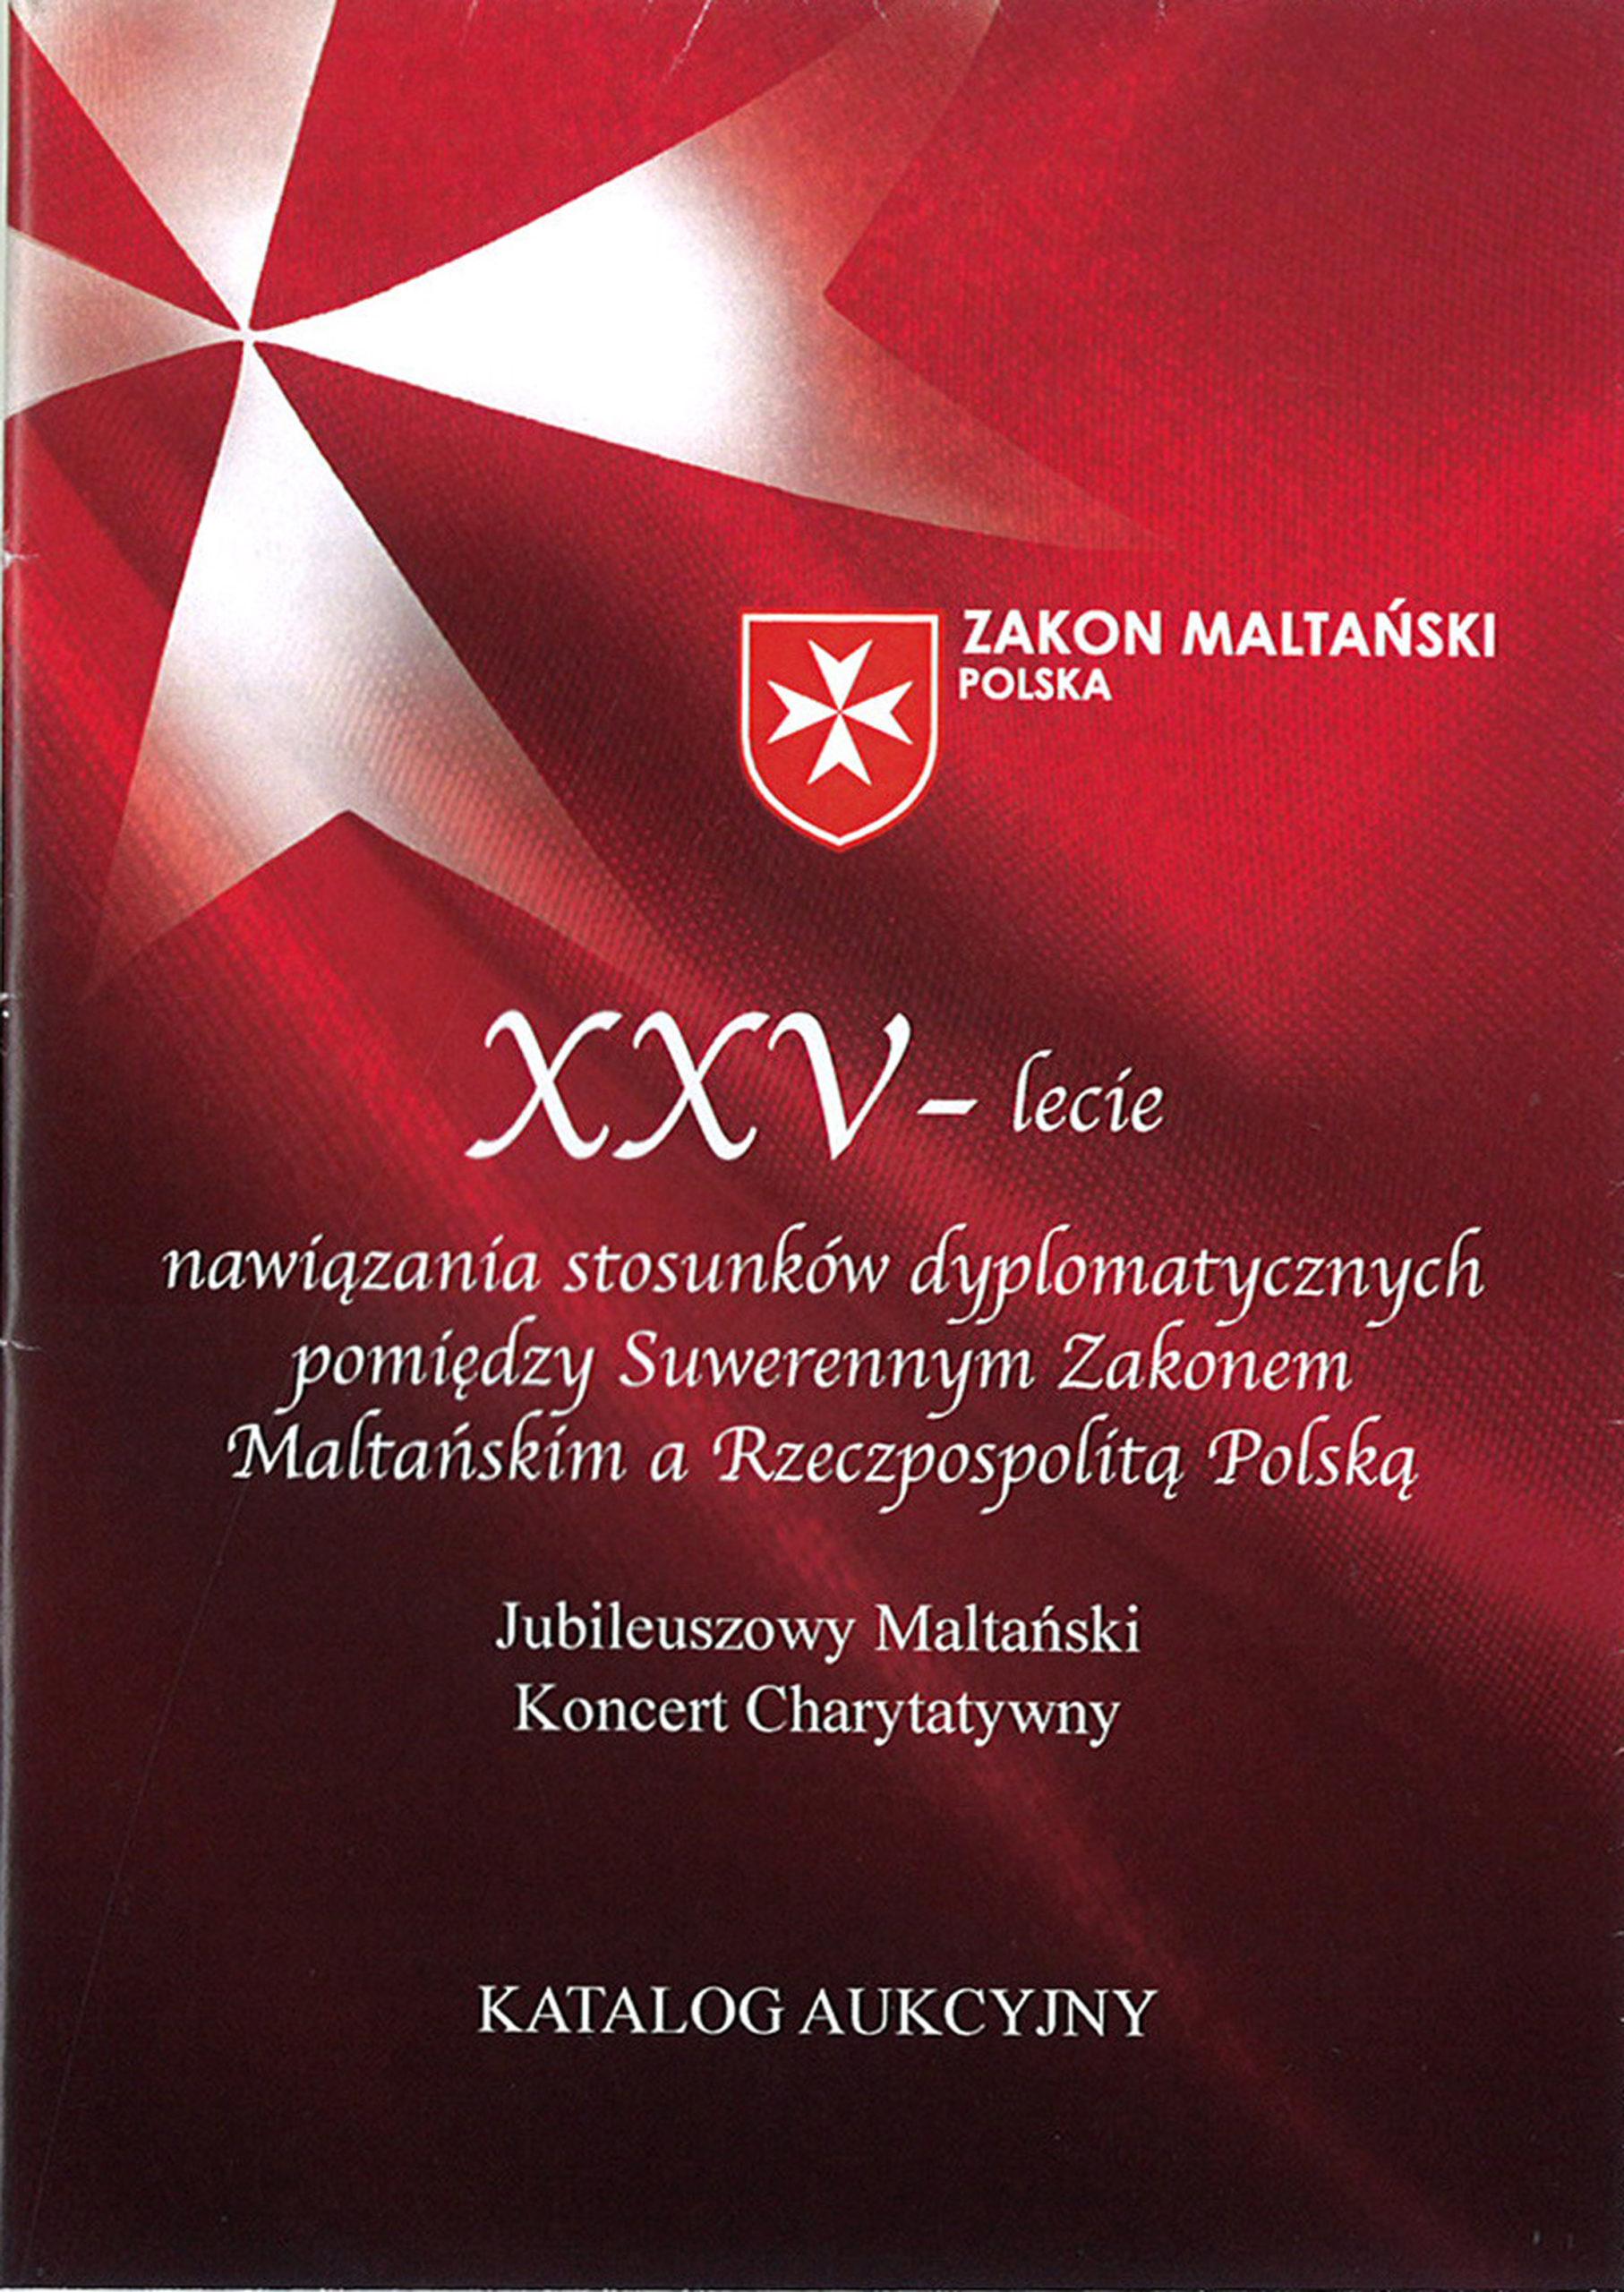 Aukcja dzieł sztuki z okazji XXV - lecia nawiązania stosunków dyplomatycznych..., Warszawa 2015